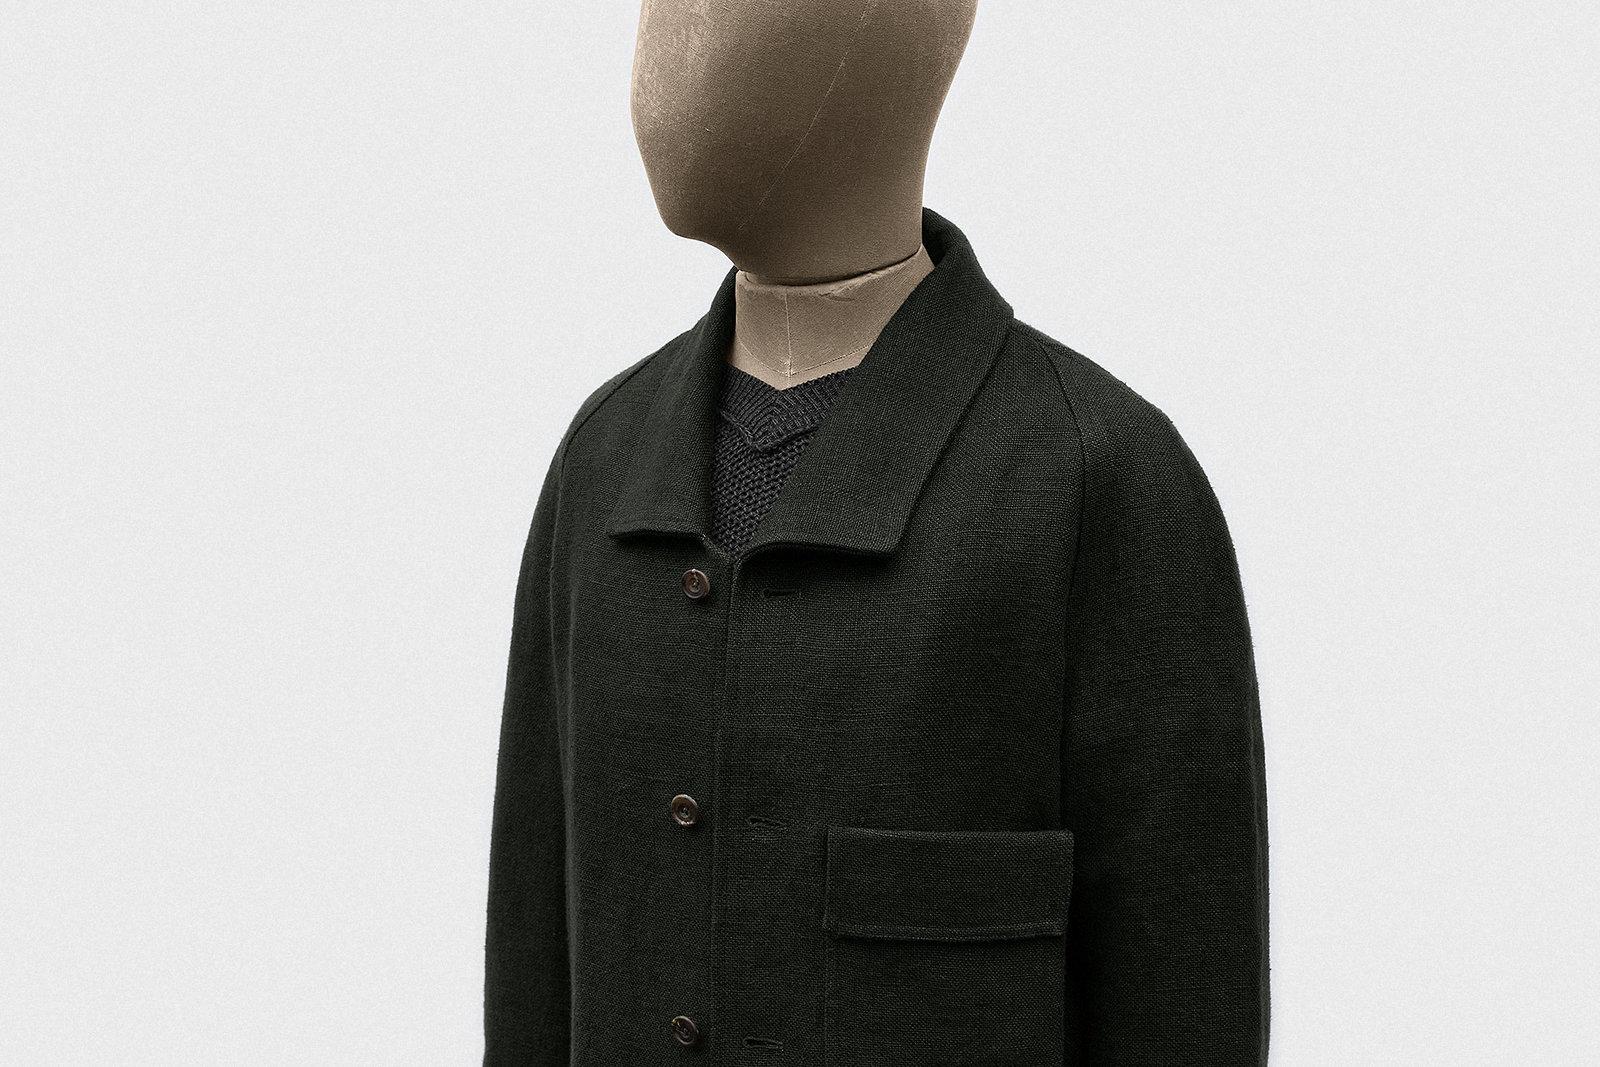 pyjama-top-linen-burlap-dark-olive-2@2x.jpg